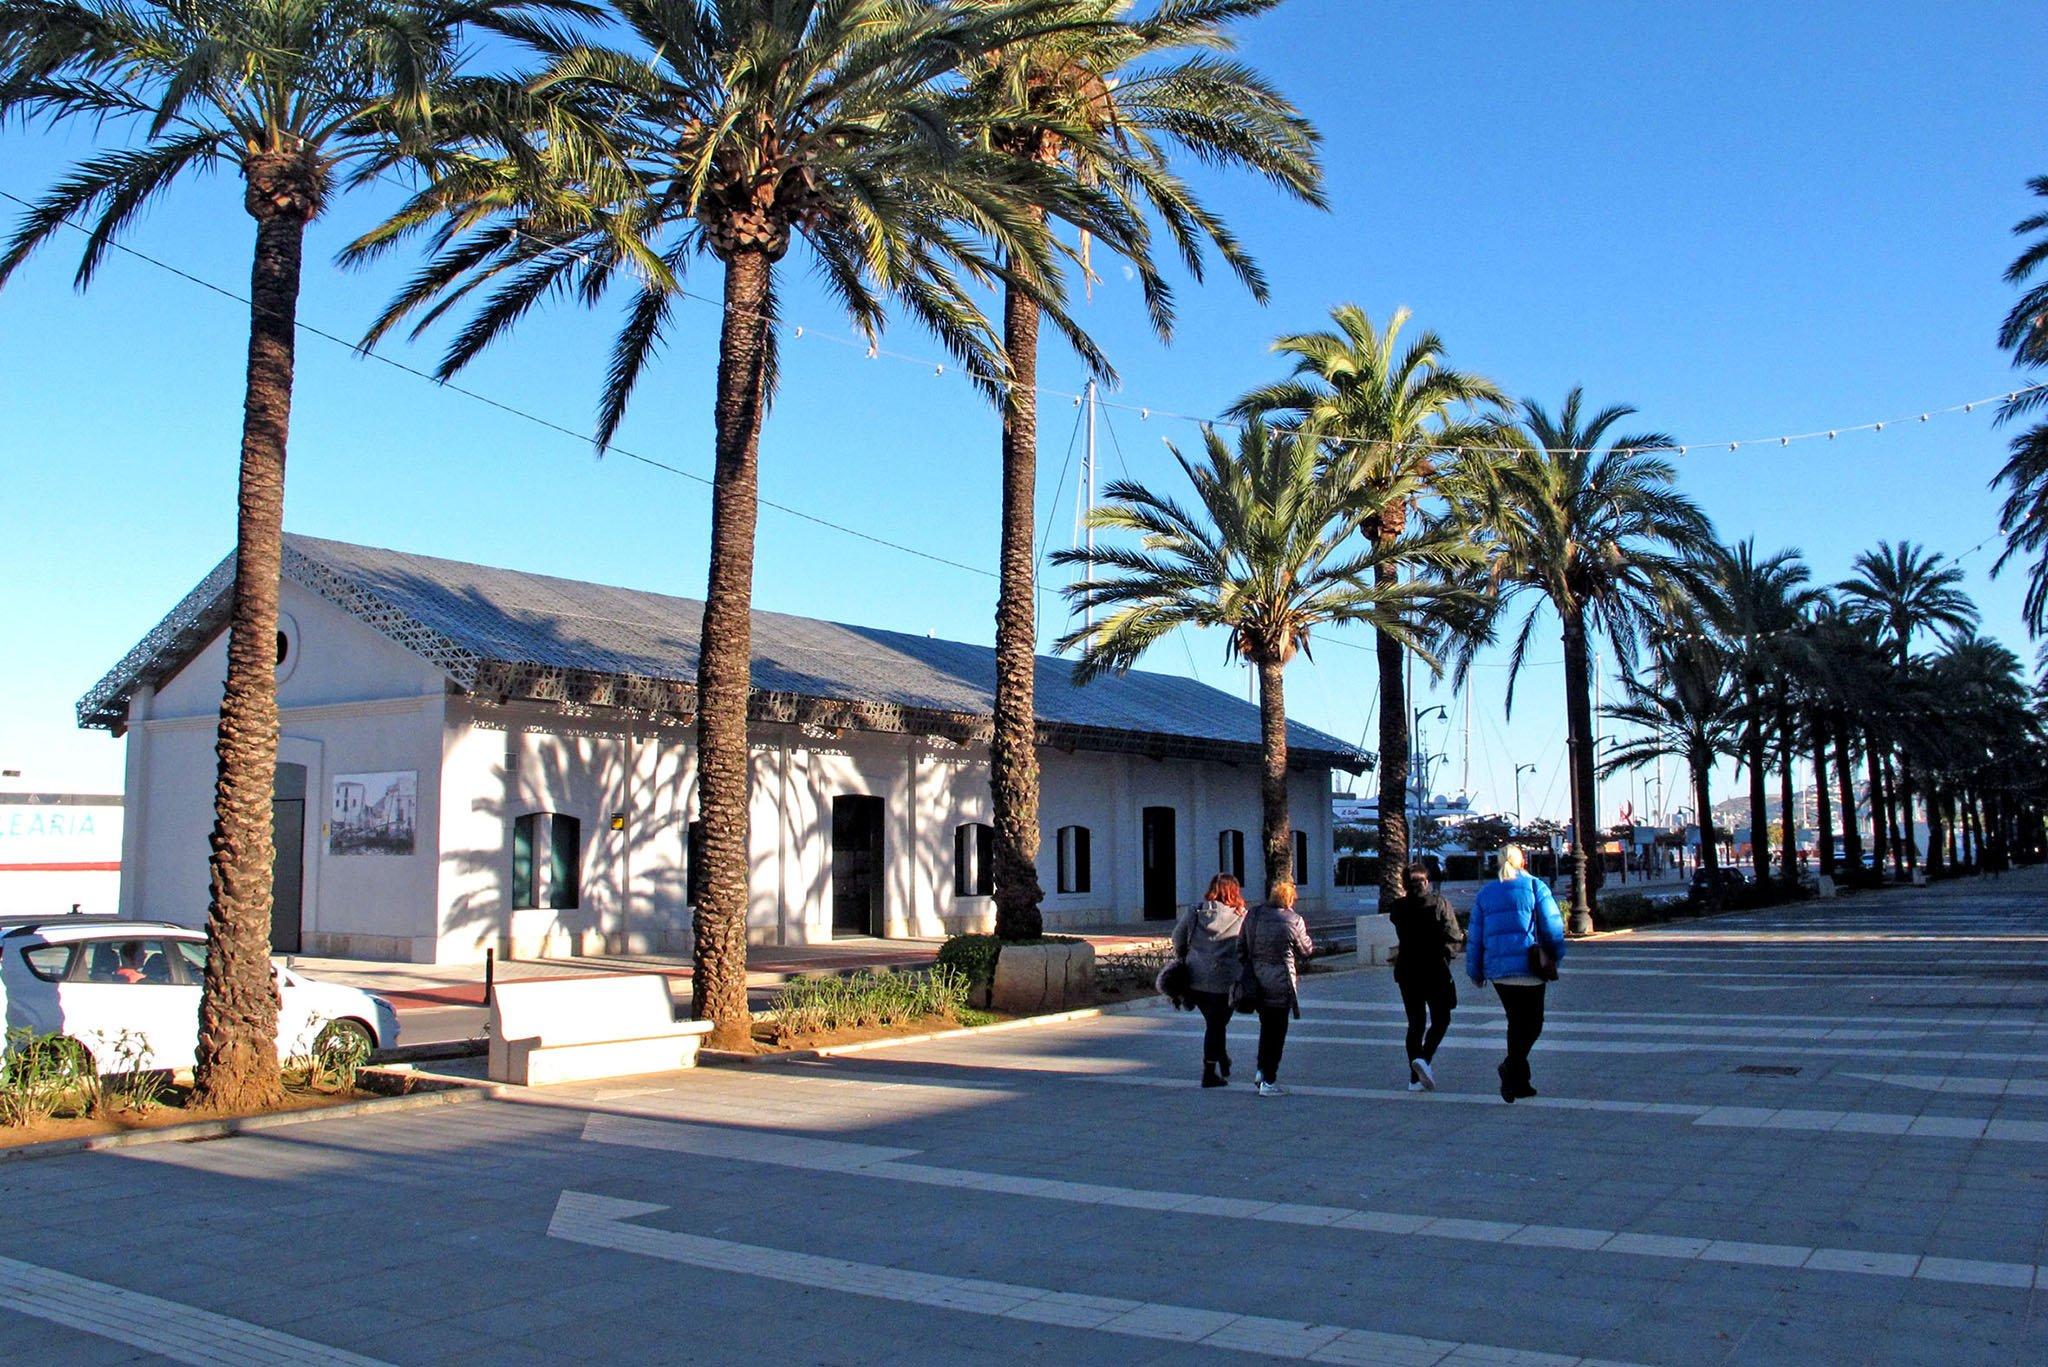 Museu de la Mar next to the Esplanade Cervantes and the port of Dénia